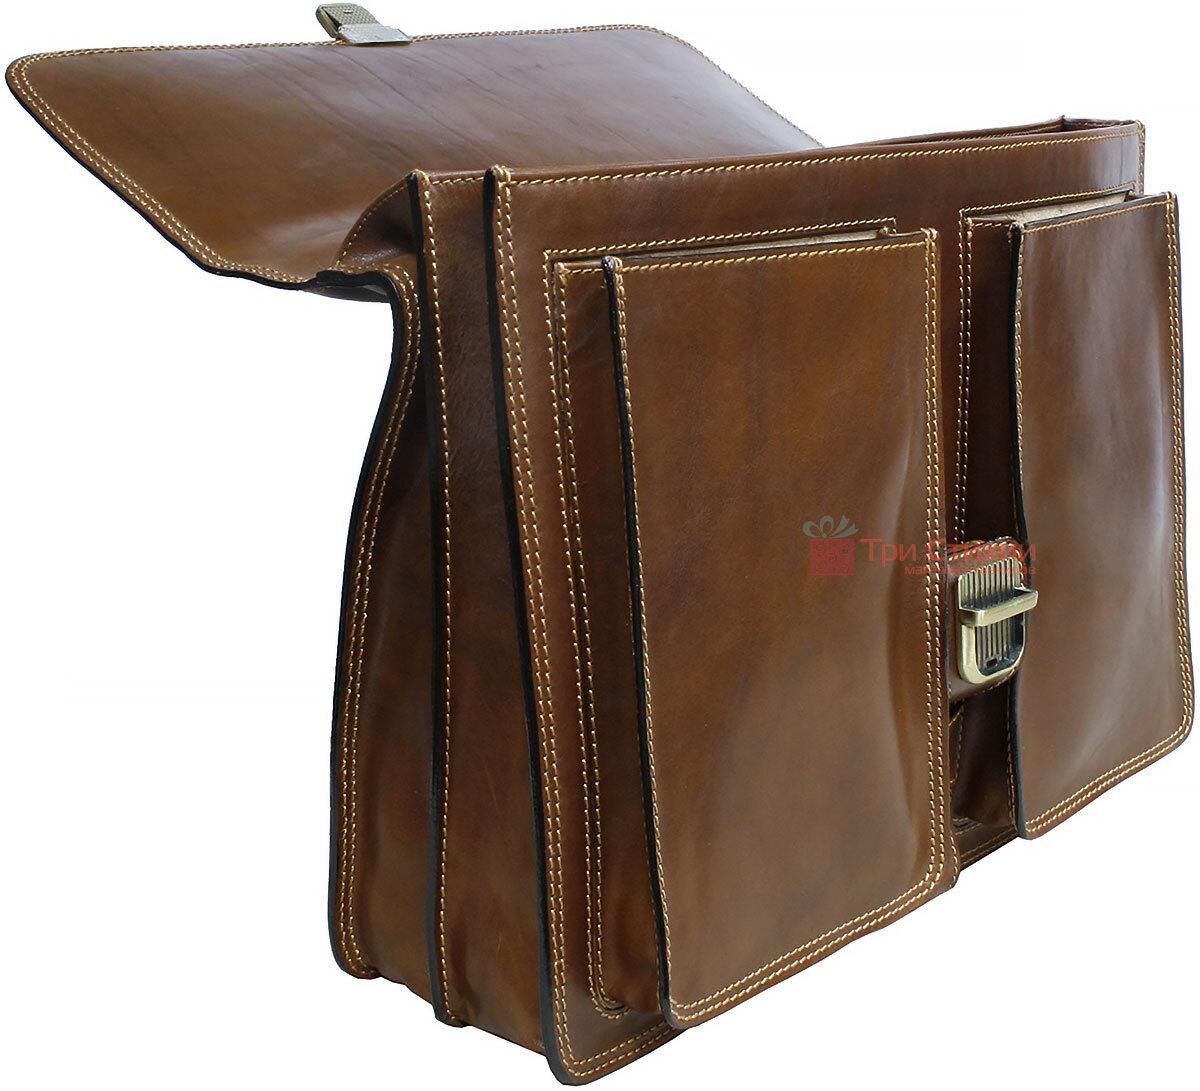 Портфель Tony Perotti Italico 8013-it cognac Коньячный, фото 5